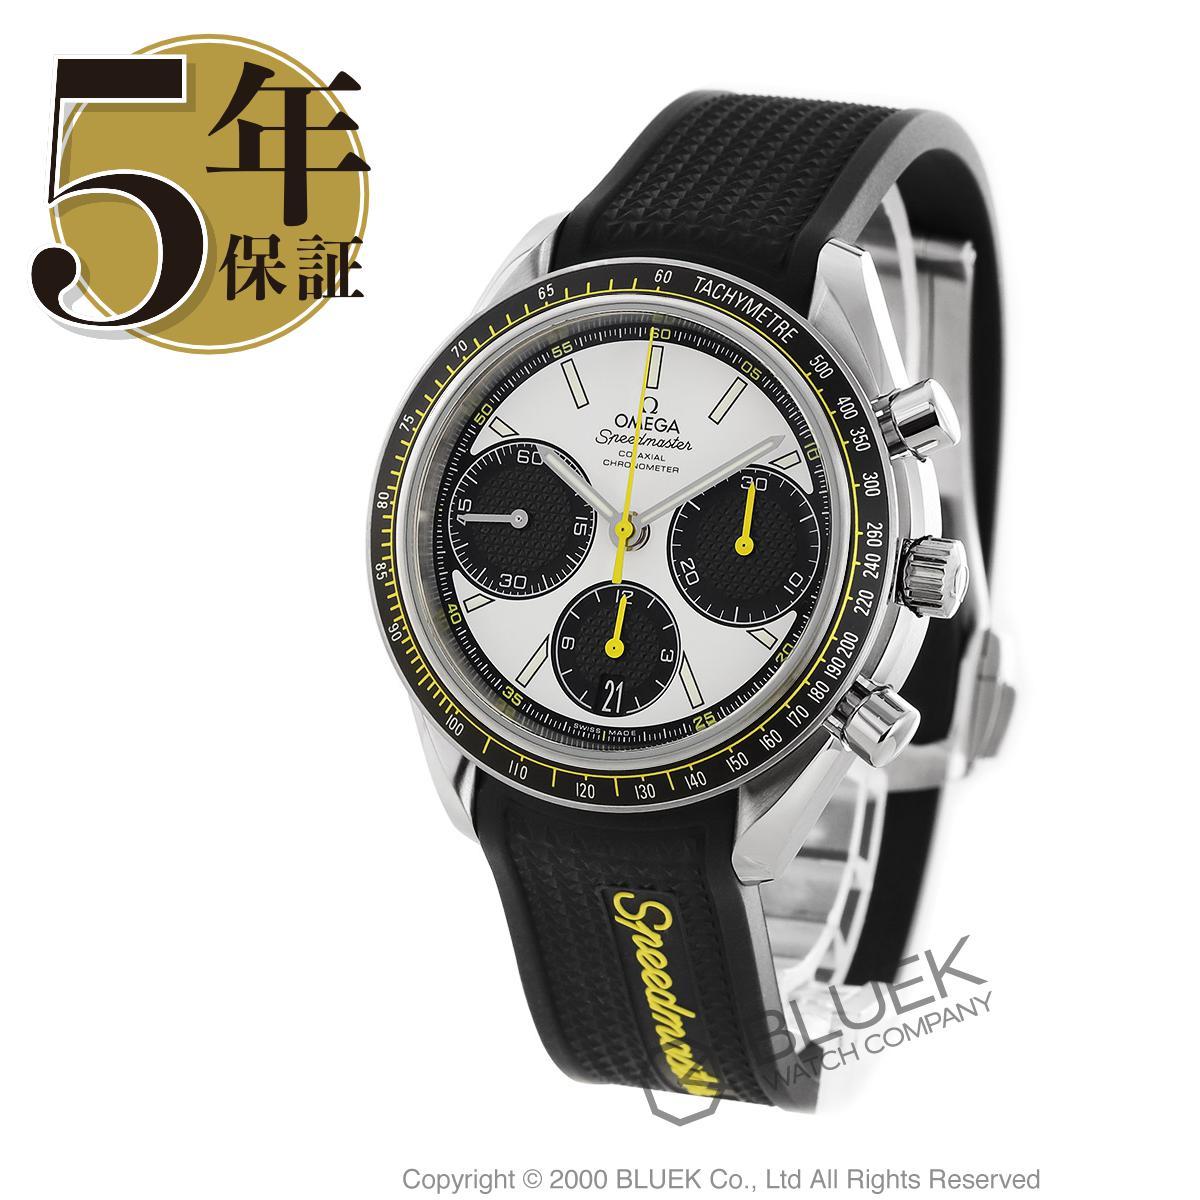 オメガ スピードマスター レーシング クロノグラフ 腕時計 メンズ OMEGA 326.32.40.50.04.001_5